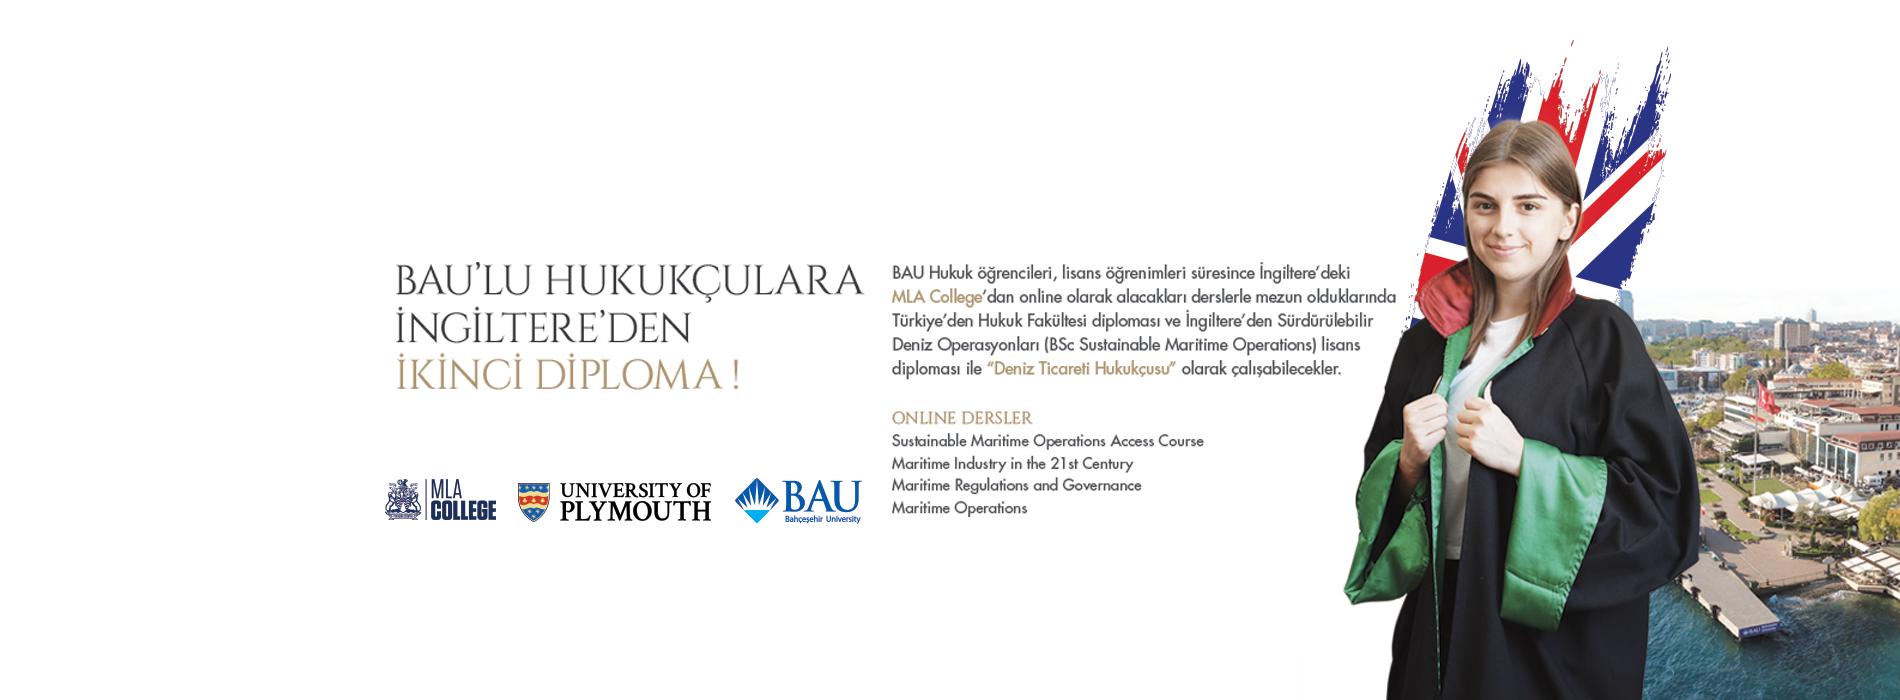 BAU'lu Hukukçulara İngiltere'de İkinci Diploma Fırsatı